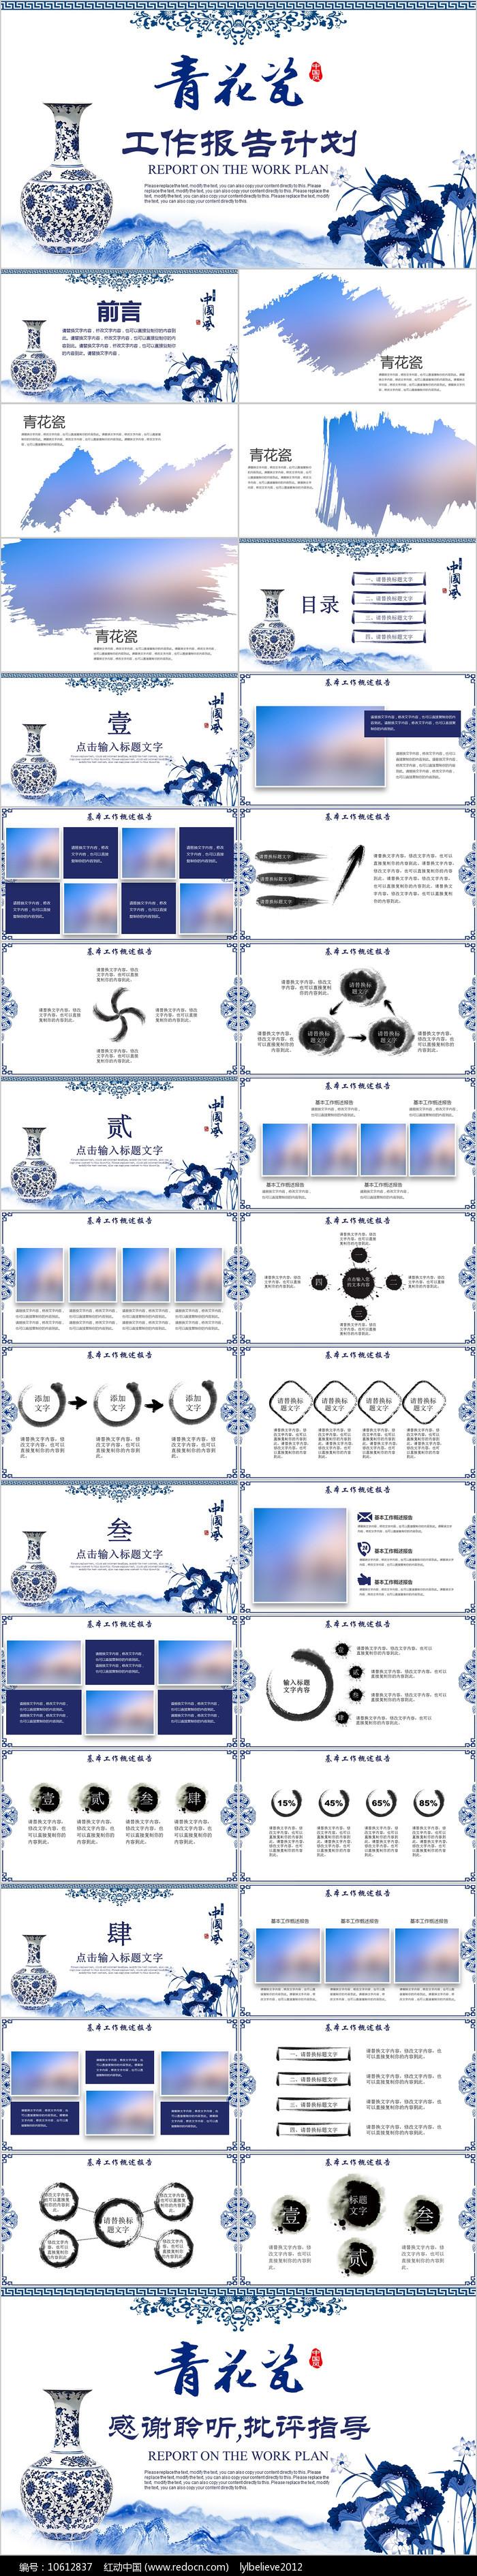 蓝色青花瓷水墨中国风江南风ppt图片